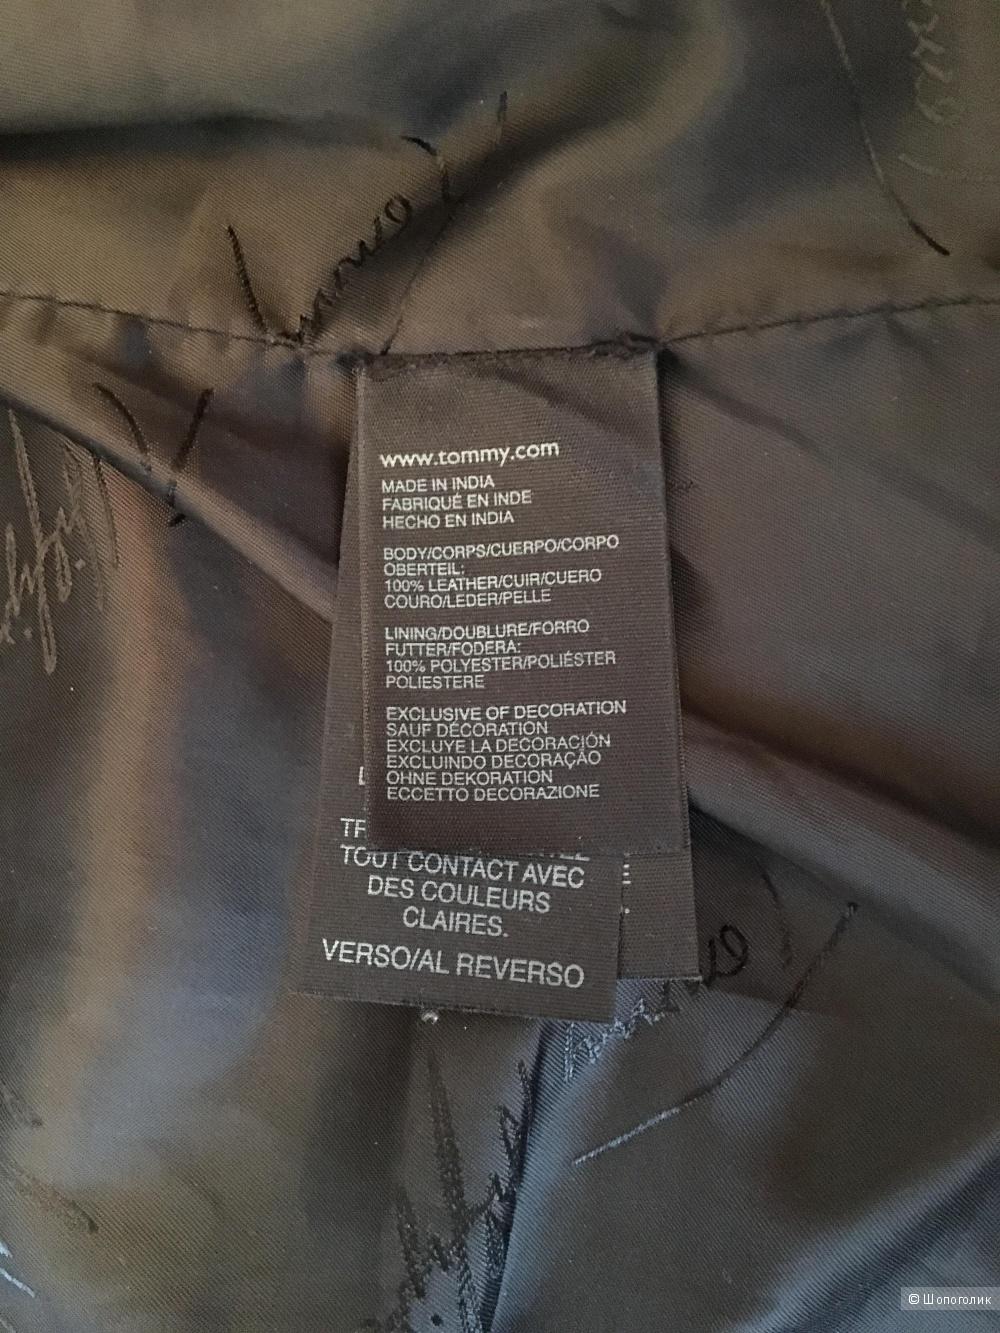 Кожаная куртка Tommy Hilfiger, размер американский 10